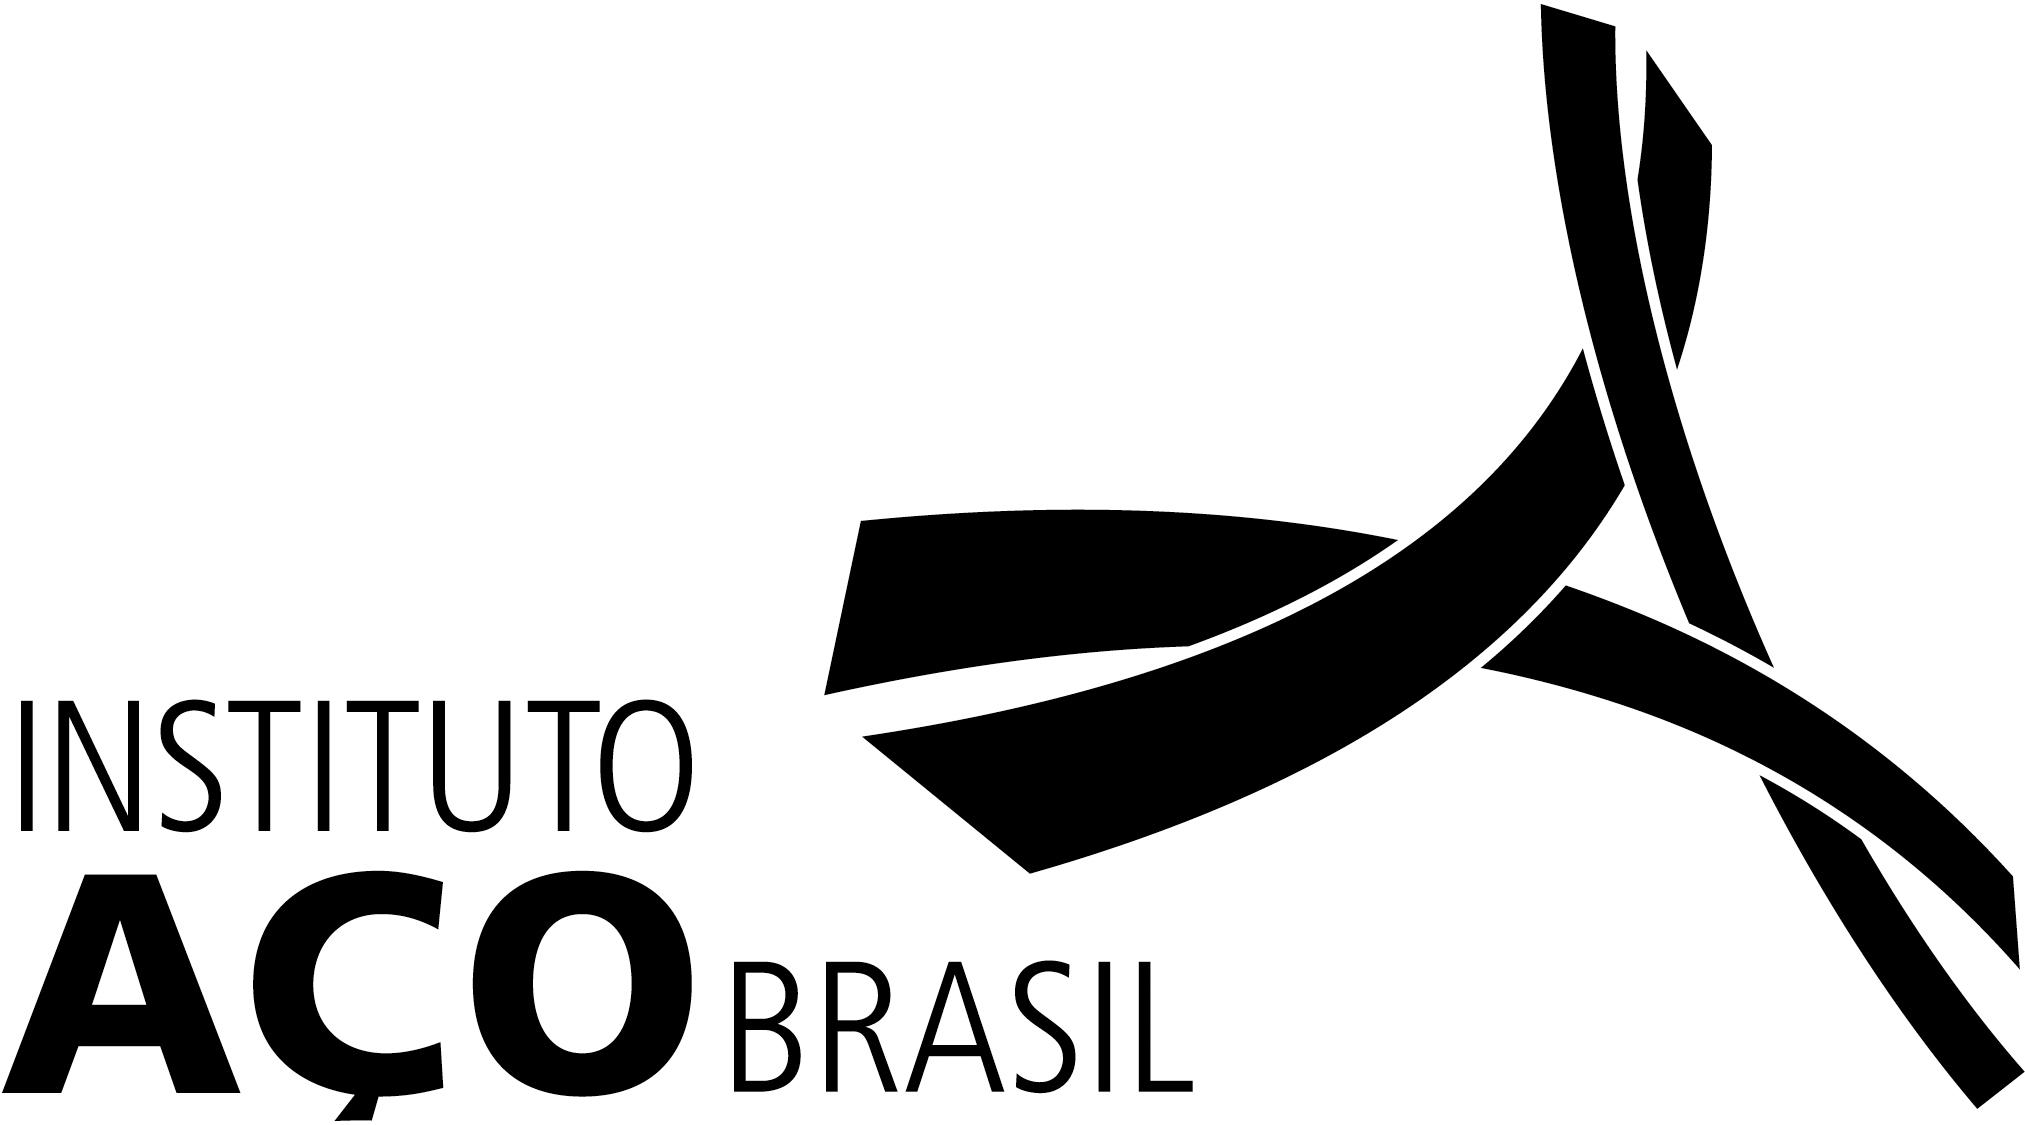 aco brasil.JPG